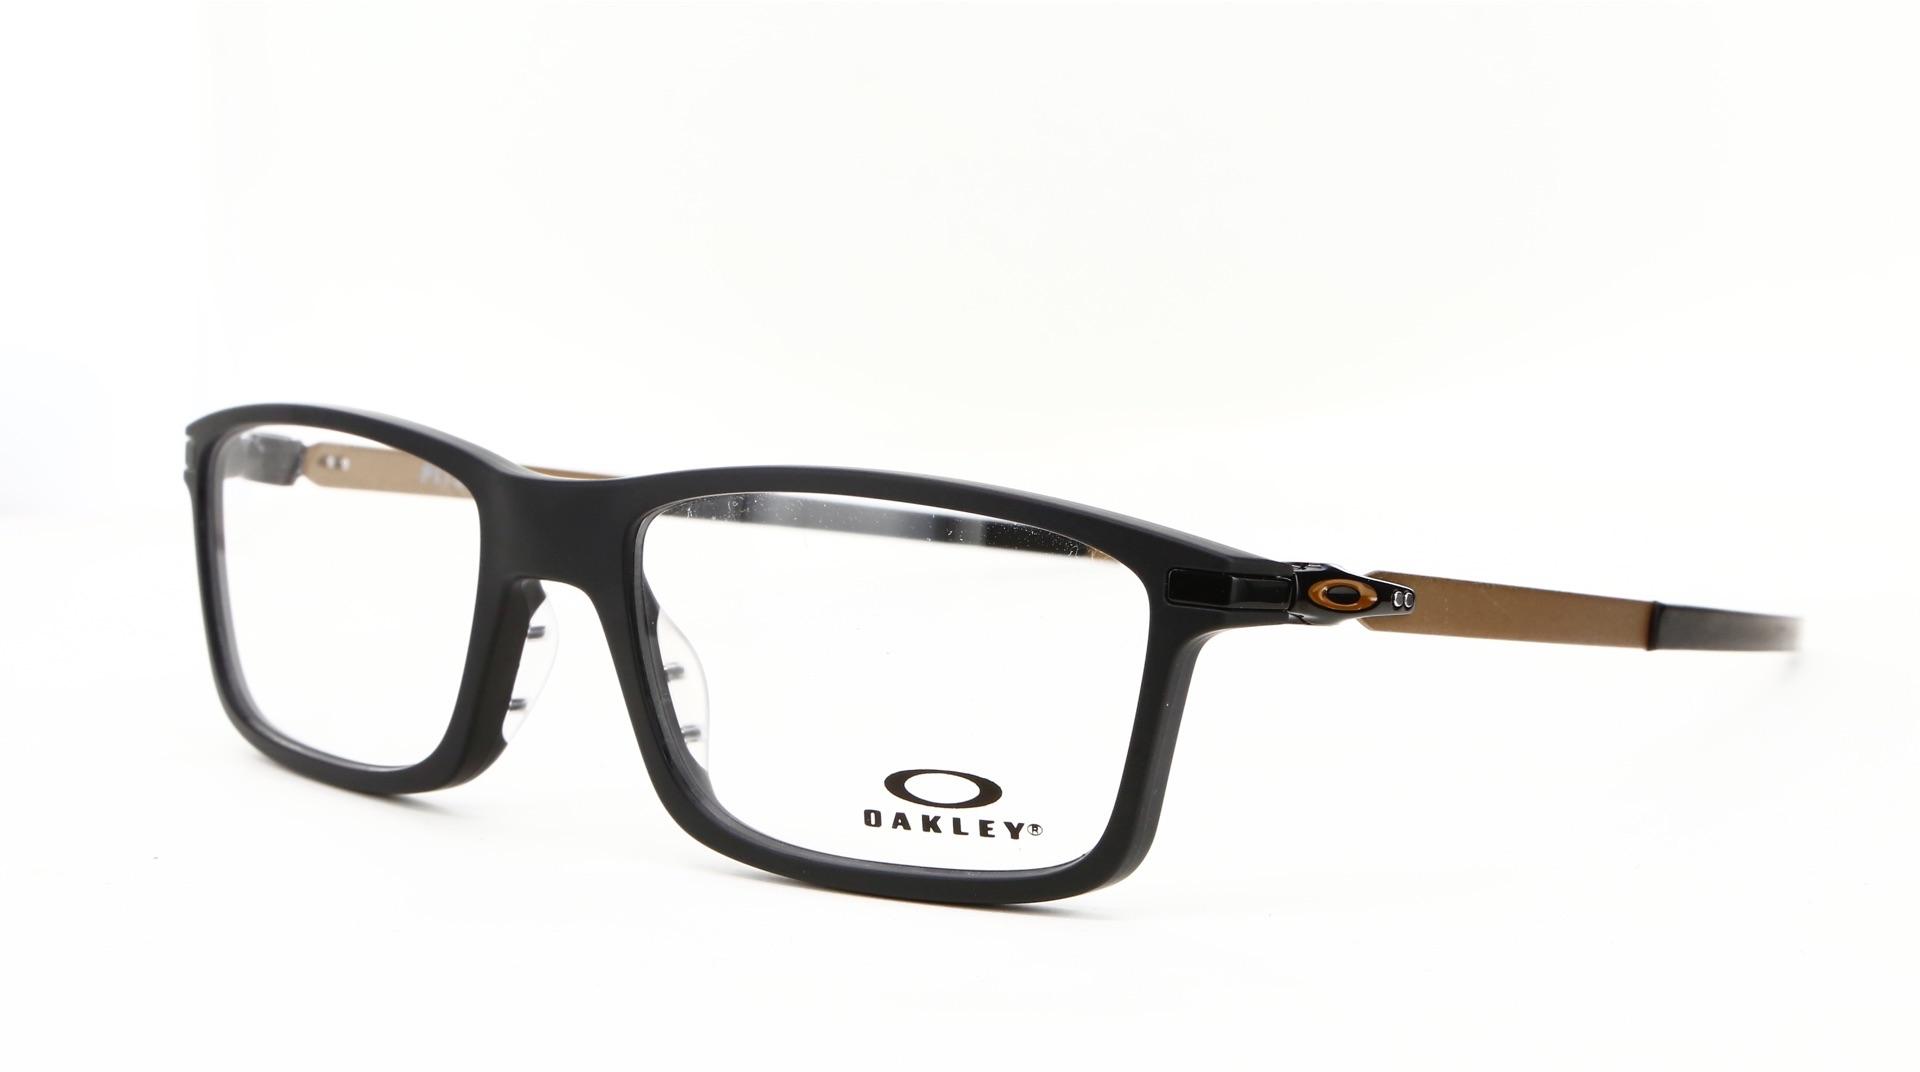 Oakley - ref: 80731